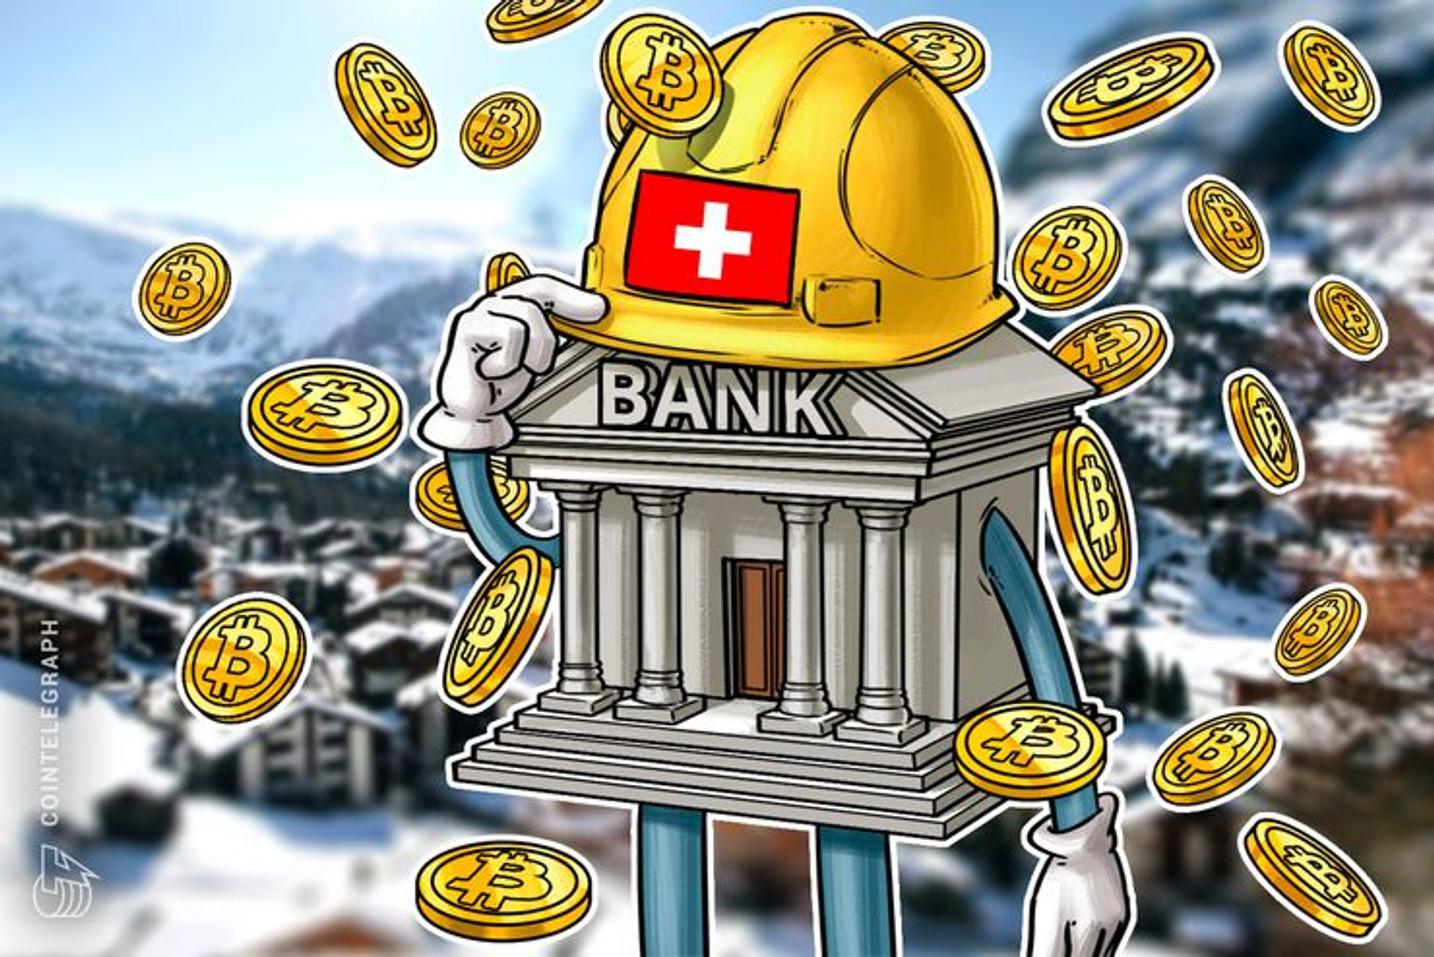 UBS-COO Keller-Busse: Blockchain-Technologie wird bei Banken eine größere Bedeutung bekommen